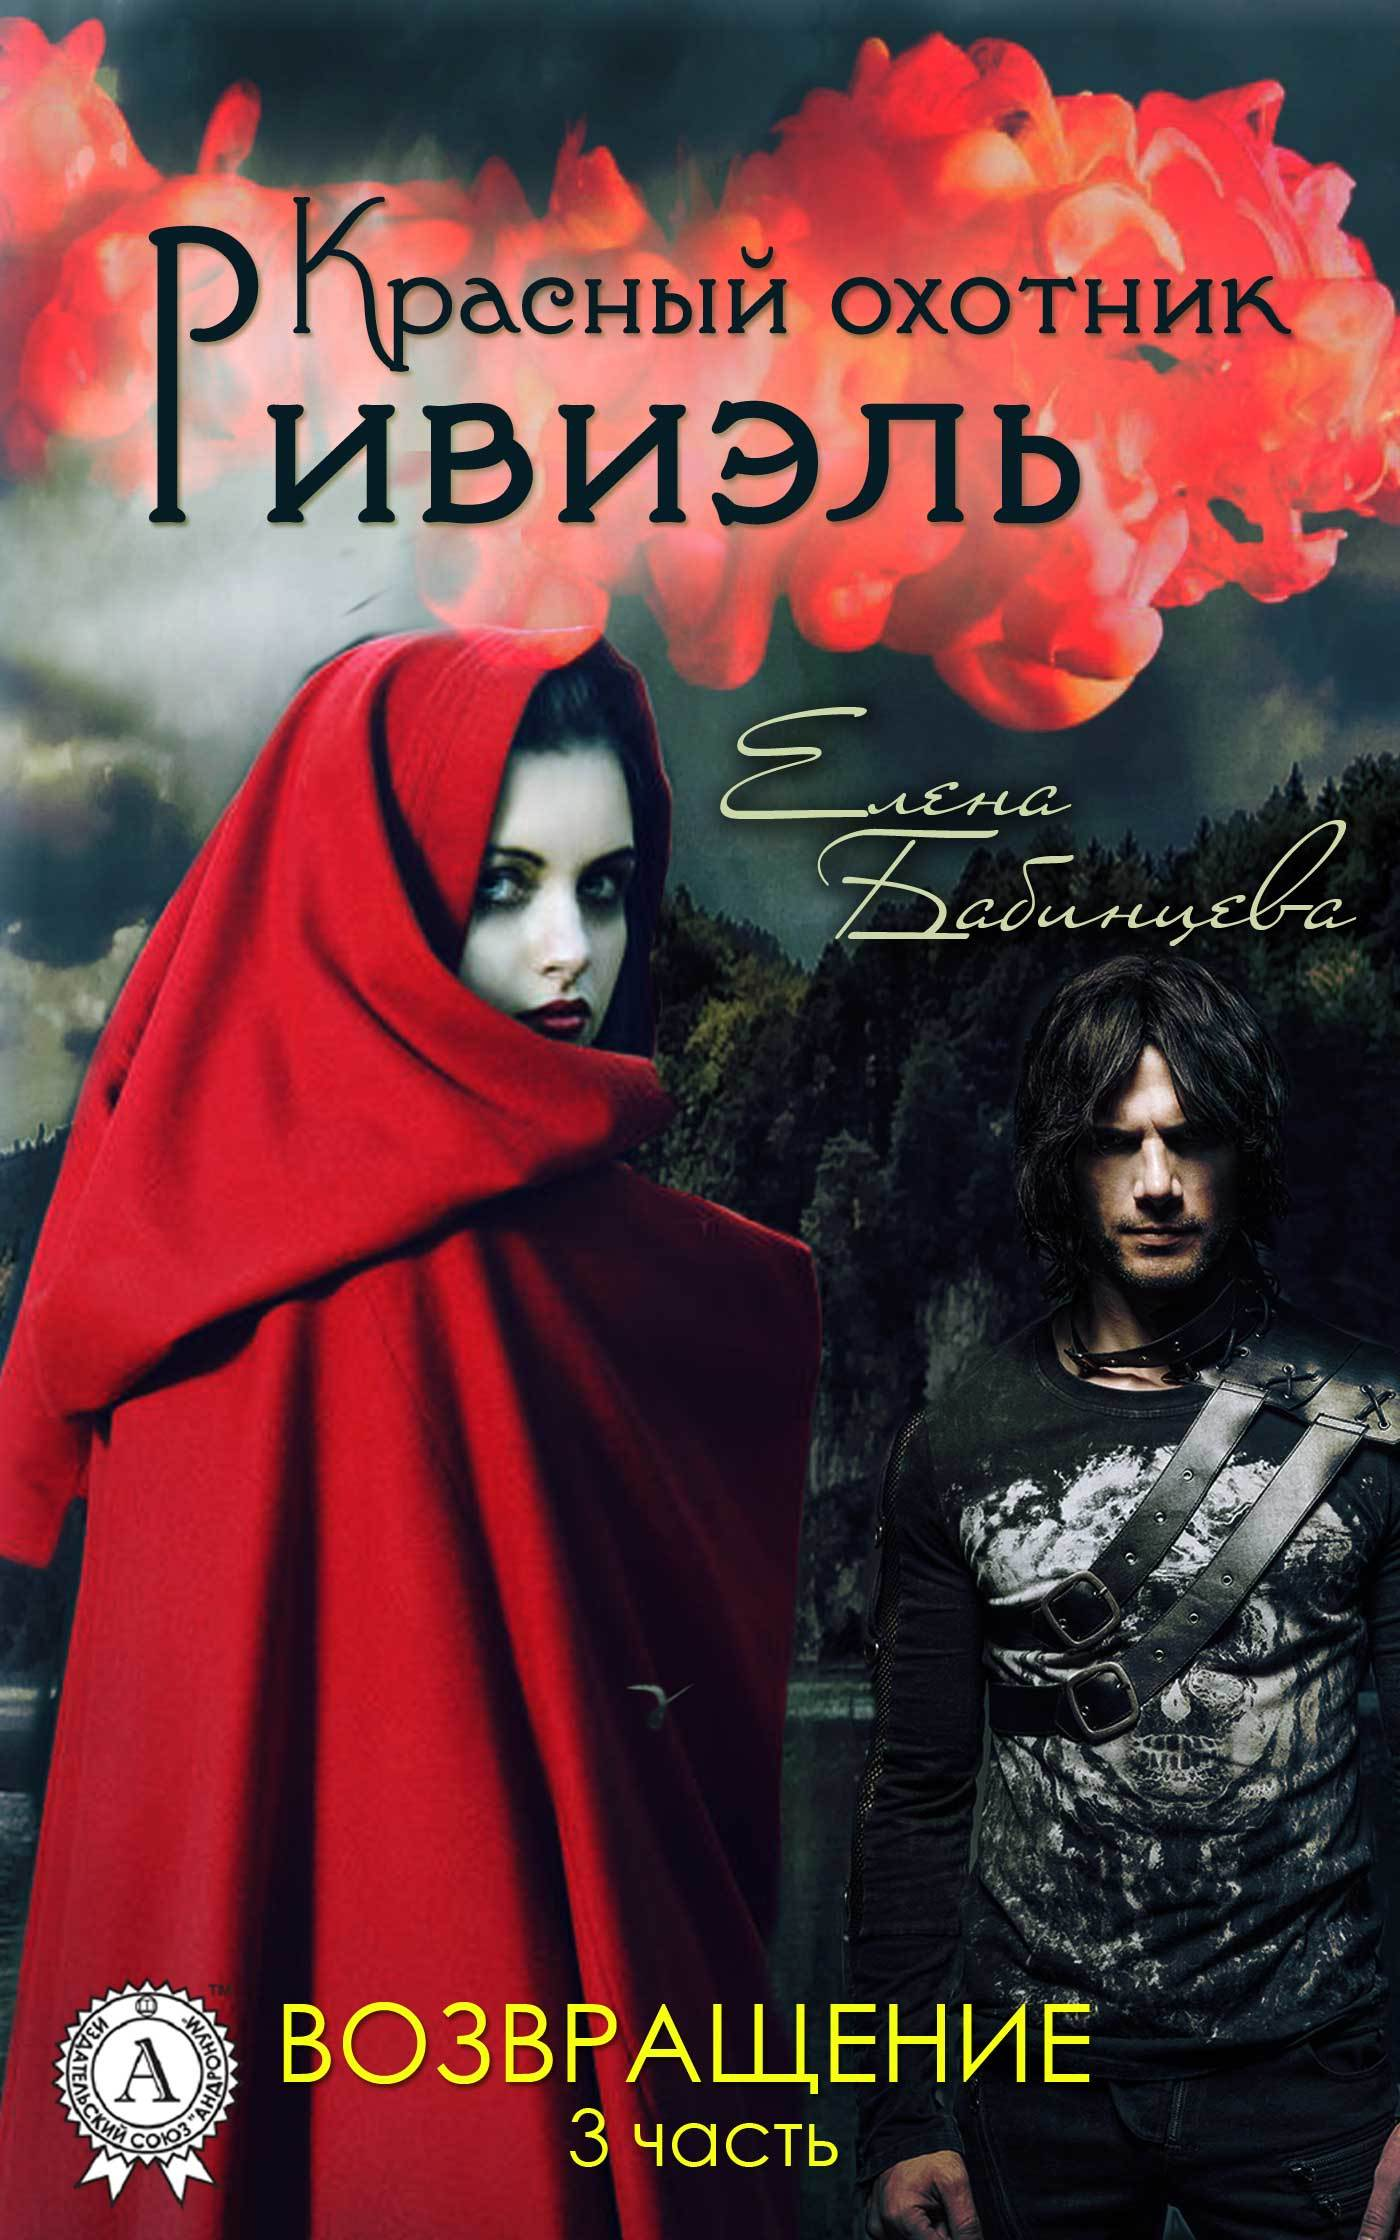 Елена Бабинцева Красный охотник Ривиэль. Возвращение елена бабинцева криволикий